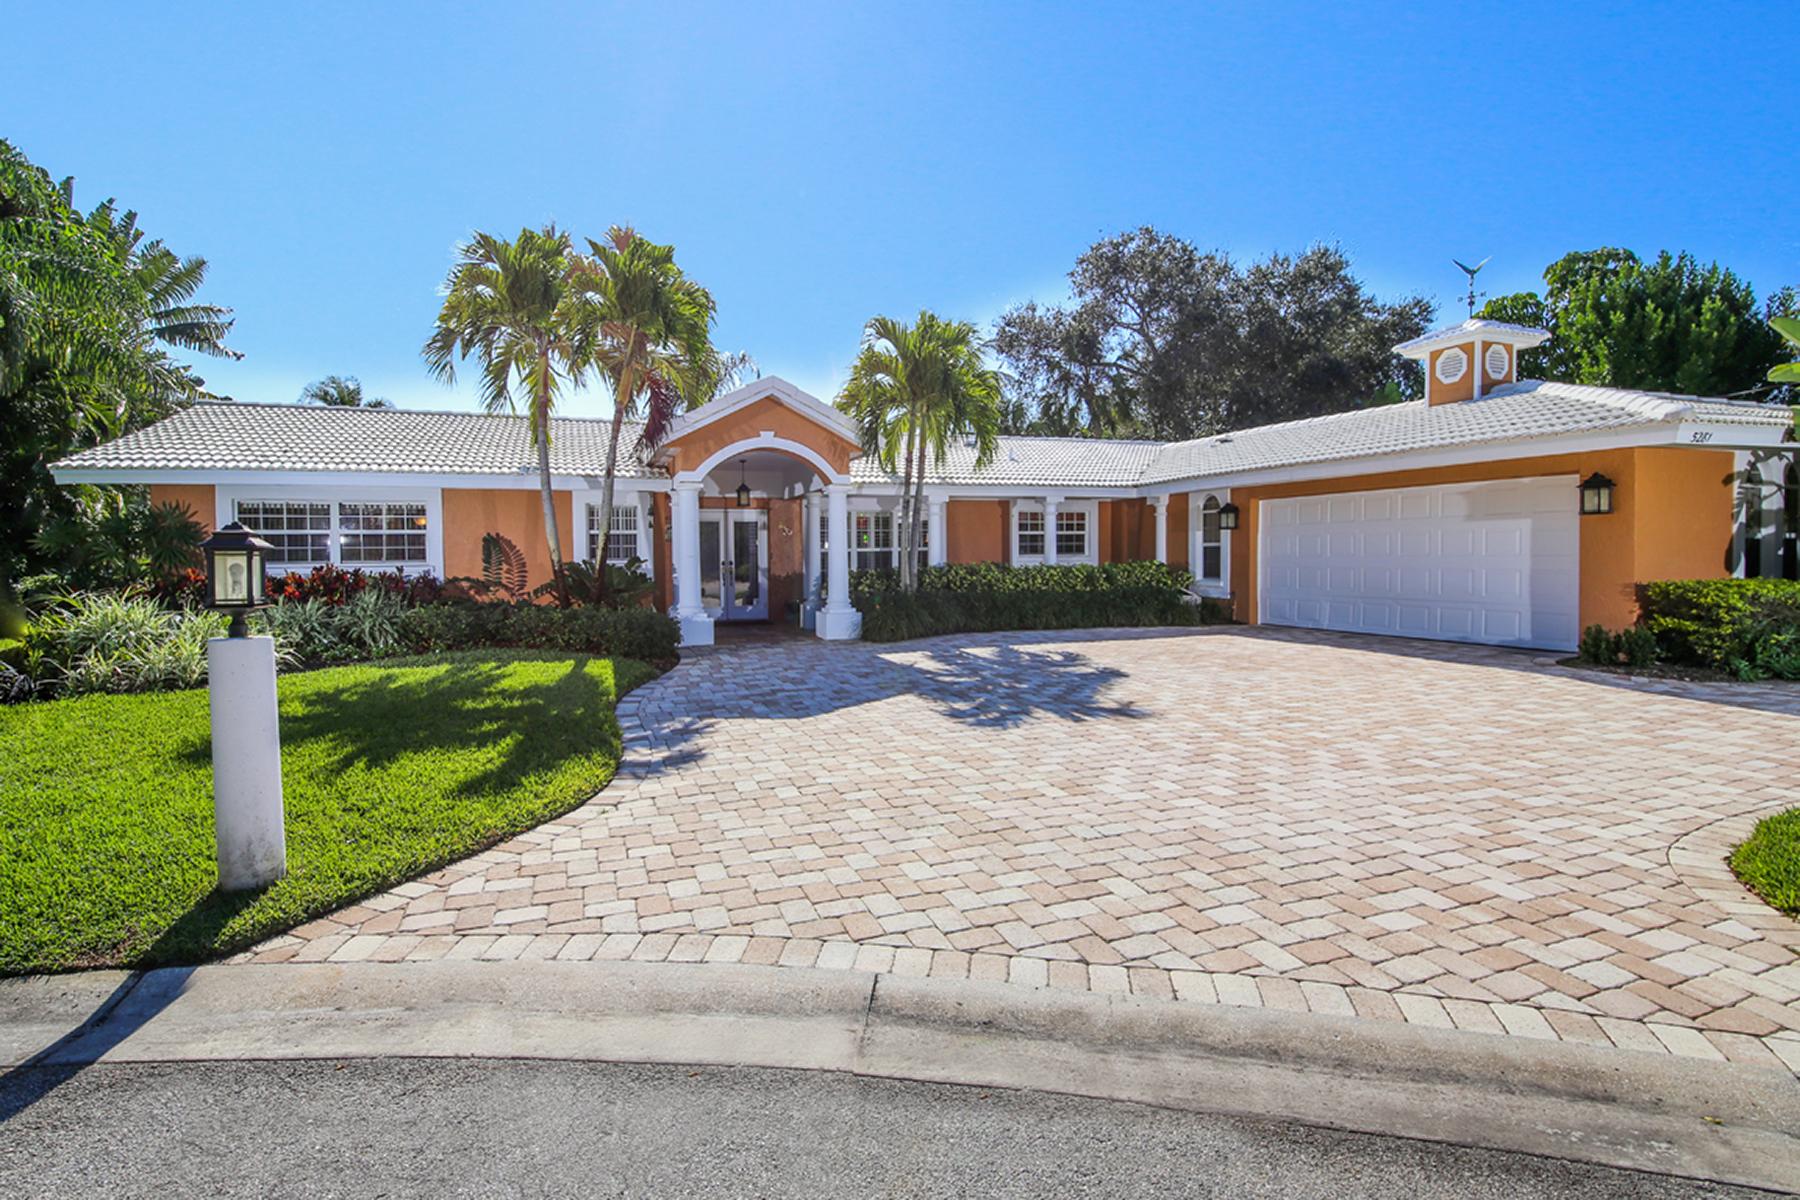 단독 가정 주택 용 매매 에 SIESTA ISLES 5281 Cape Leyte Way Sarasota, 플로리다, 34242 미국